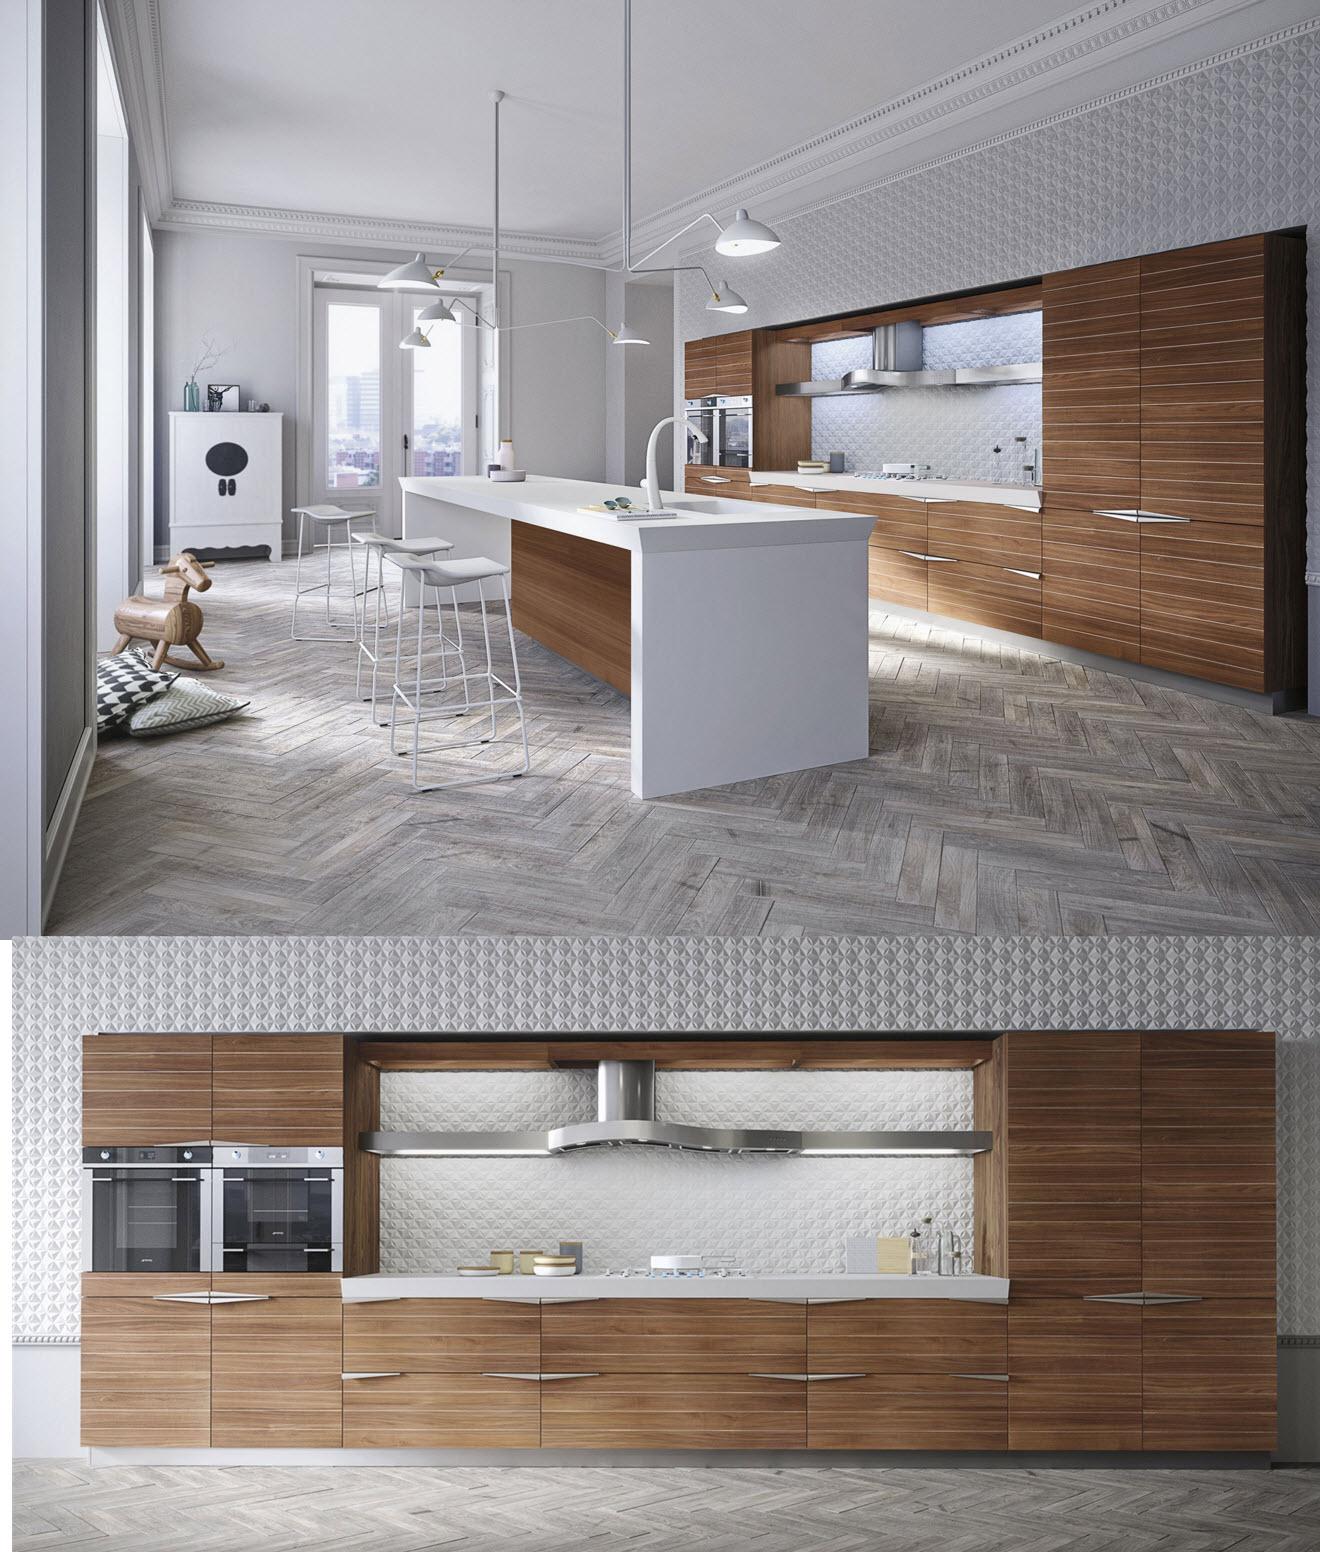 Ideas y dise o de cocinas modernas construye hogar for Cocinas integrales modernas